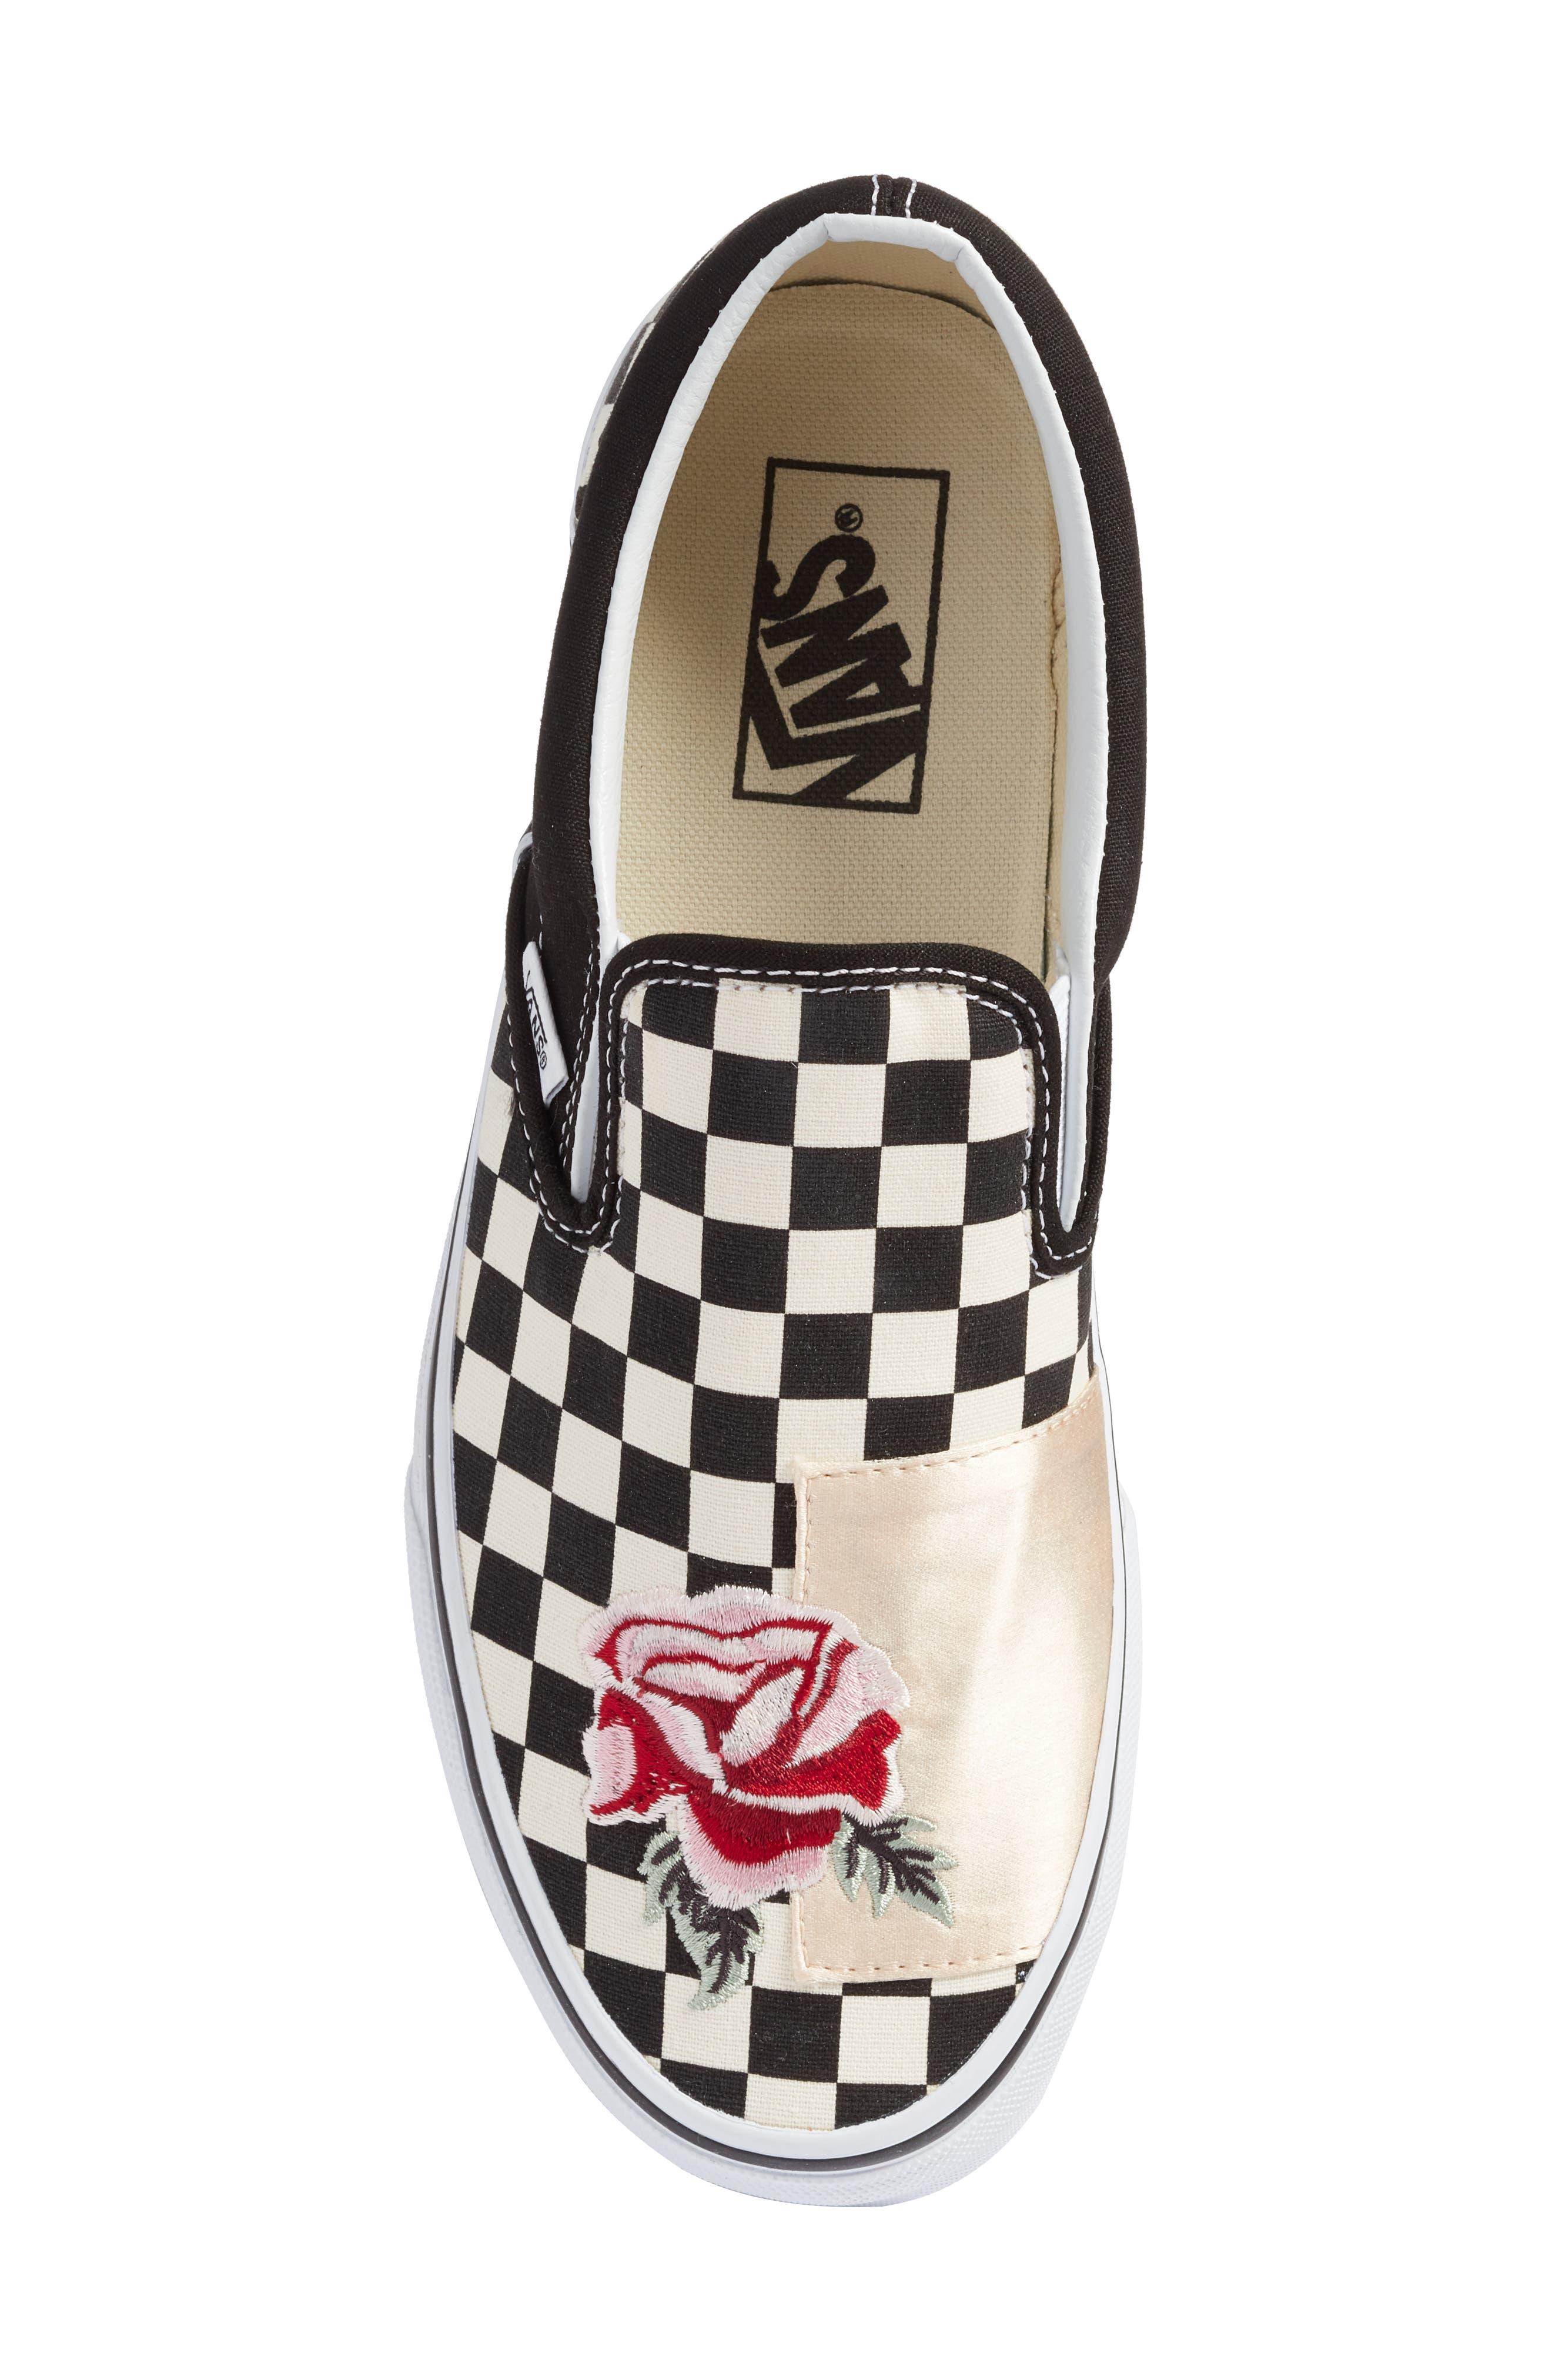 UA Classic Slip-On Sneaker,                             Alternate thumbnail 5, color,                             CHECKER/ ROSE